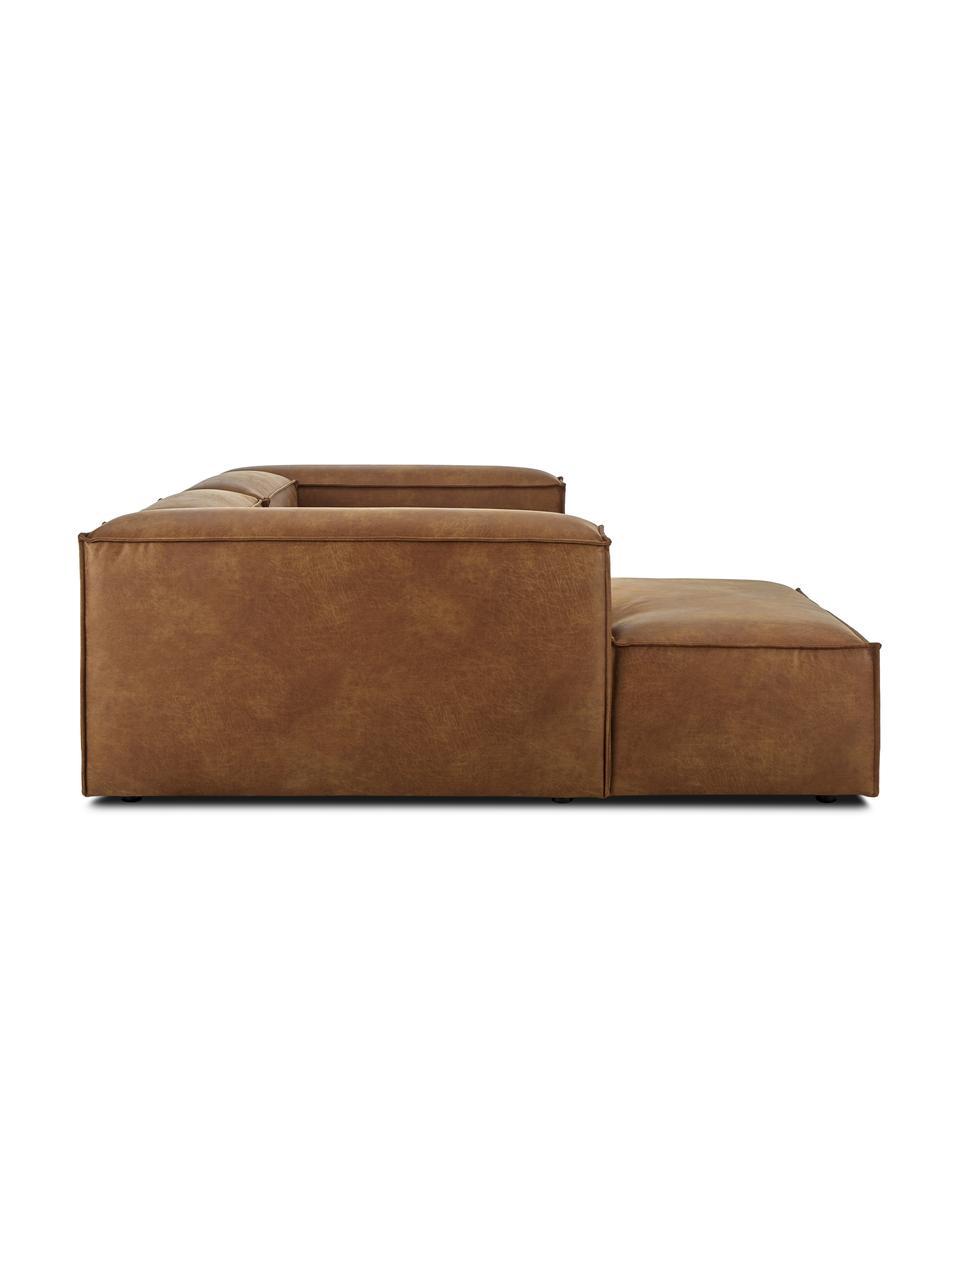 Narożna sofa modułowa ze skóry z recyklingu Lennon, Tapicerka: skóra z recyklingu (70% s, Nogi: tworzywo sztuczne Nogi zn, Skórzany brązowy, S 238 x G 180 cm